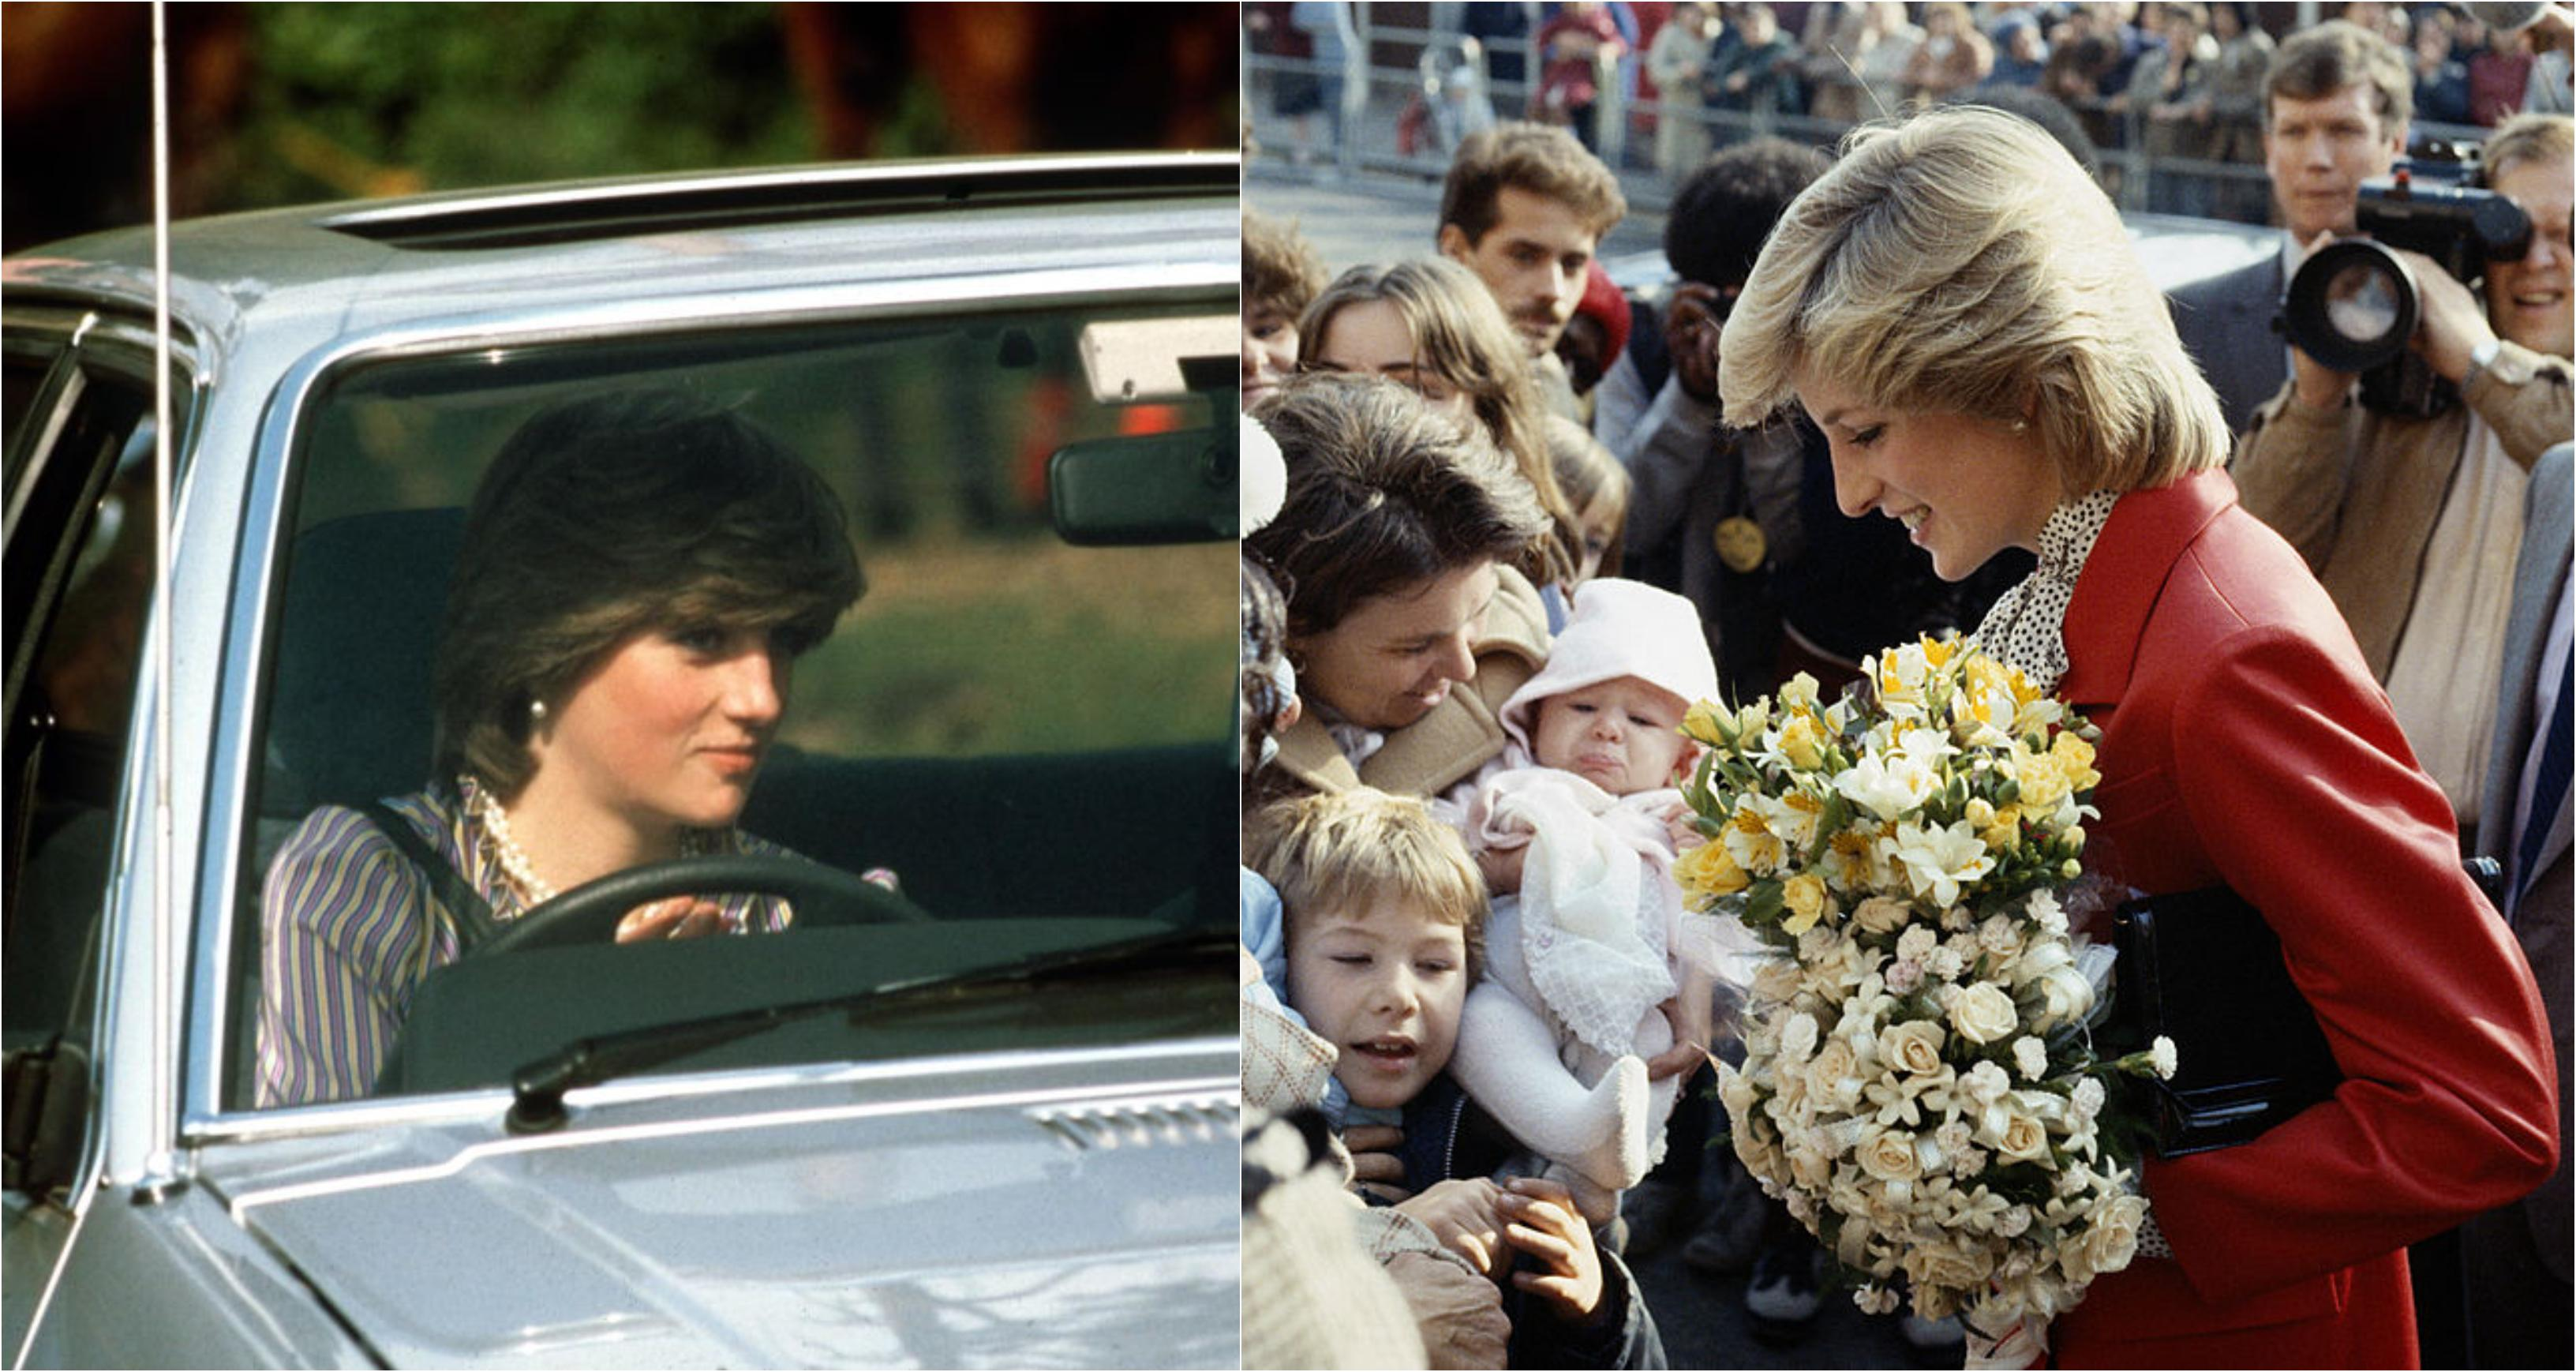 Ce s-a întâmplat cu mașina pe care Prințesa Diana a primit-o cadou de logodnă de la Prințul Charles